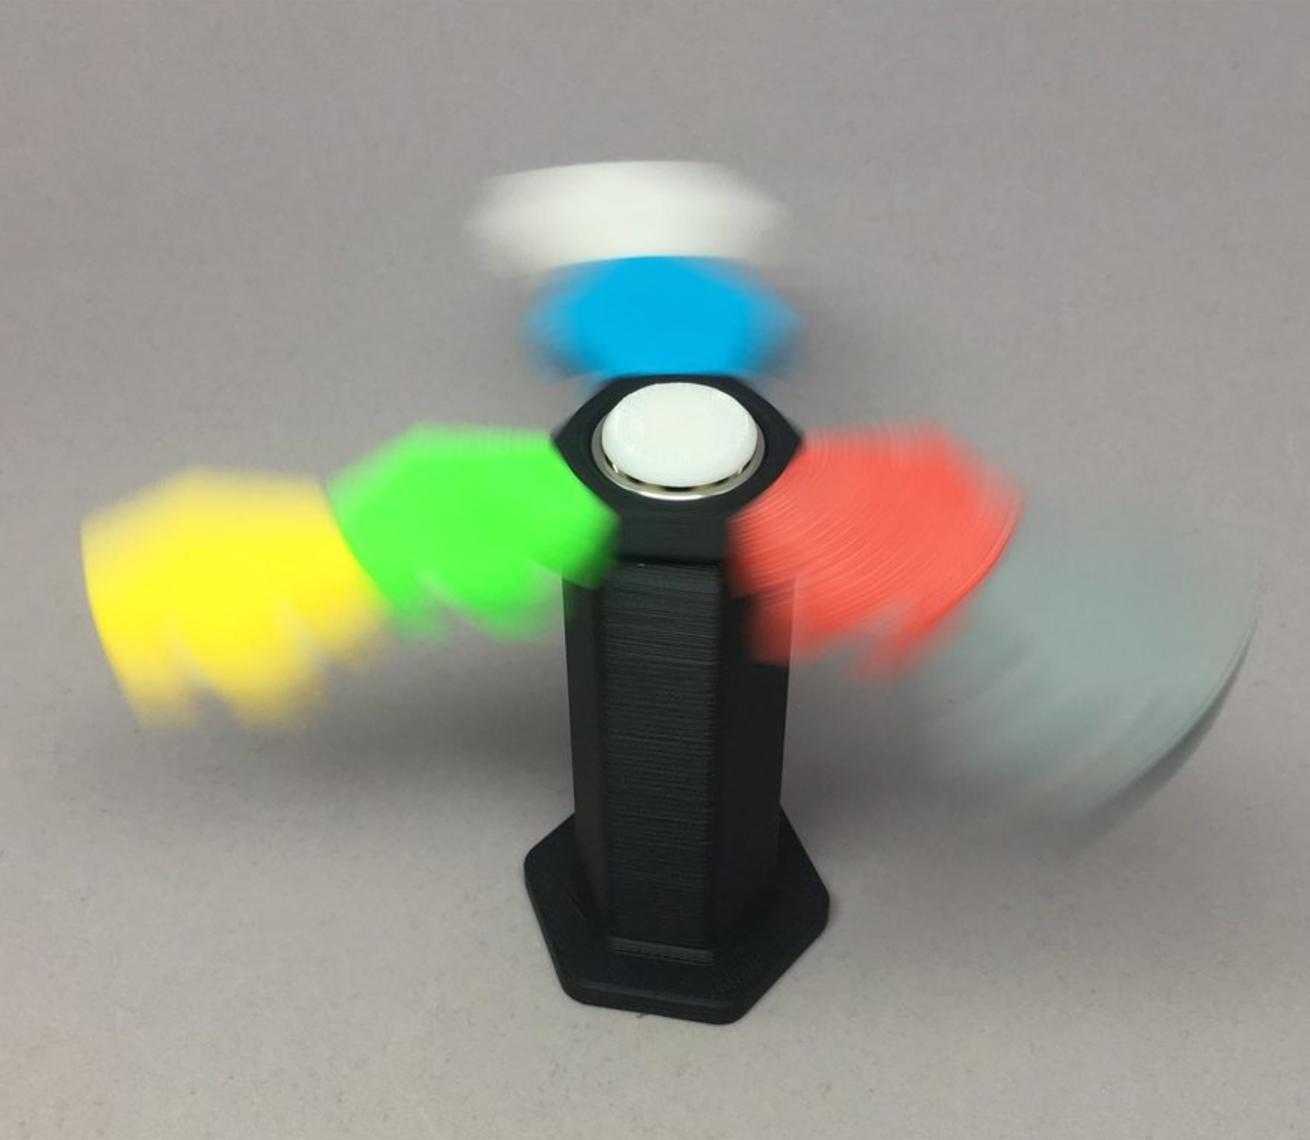 Capture d'écran 2017-05-30 à 19.20.45.png Download free STL file Hex Tile Fidget Spinner • 3D printing object, CyberCyclist